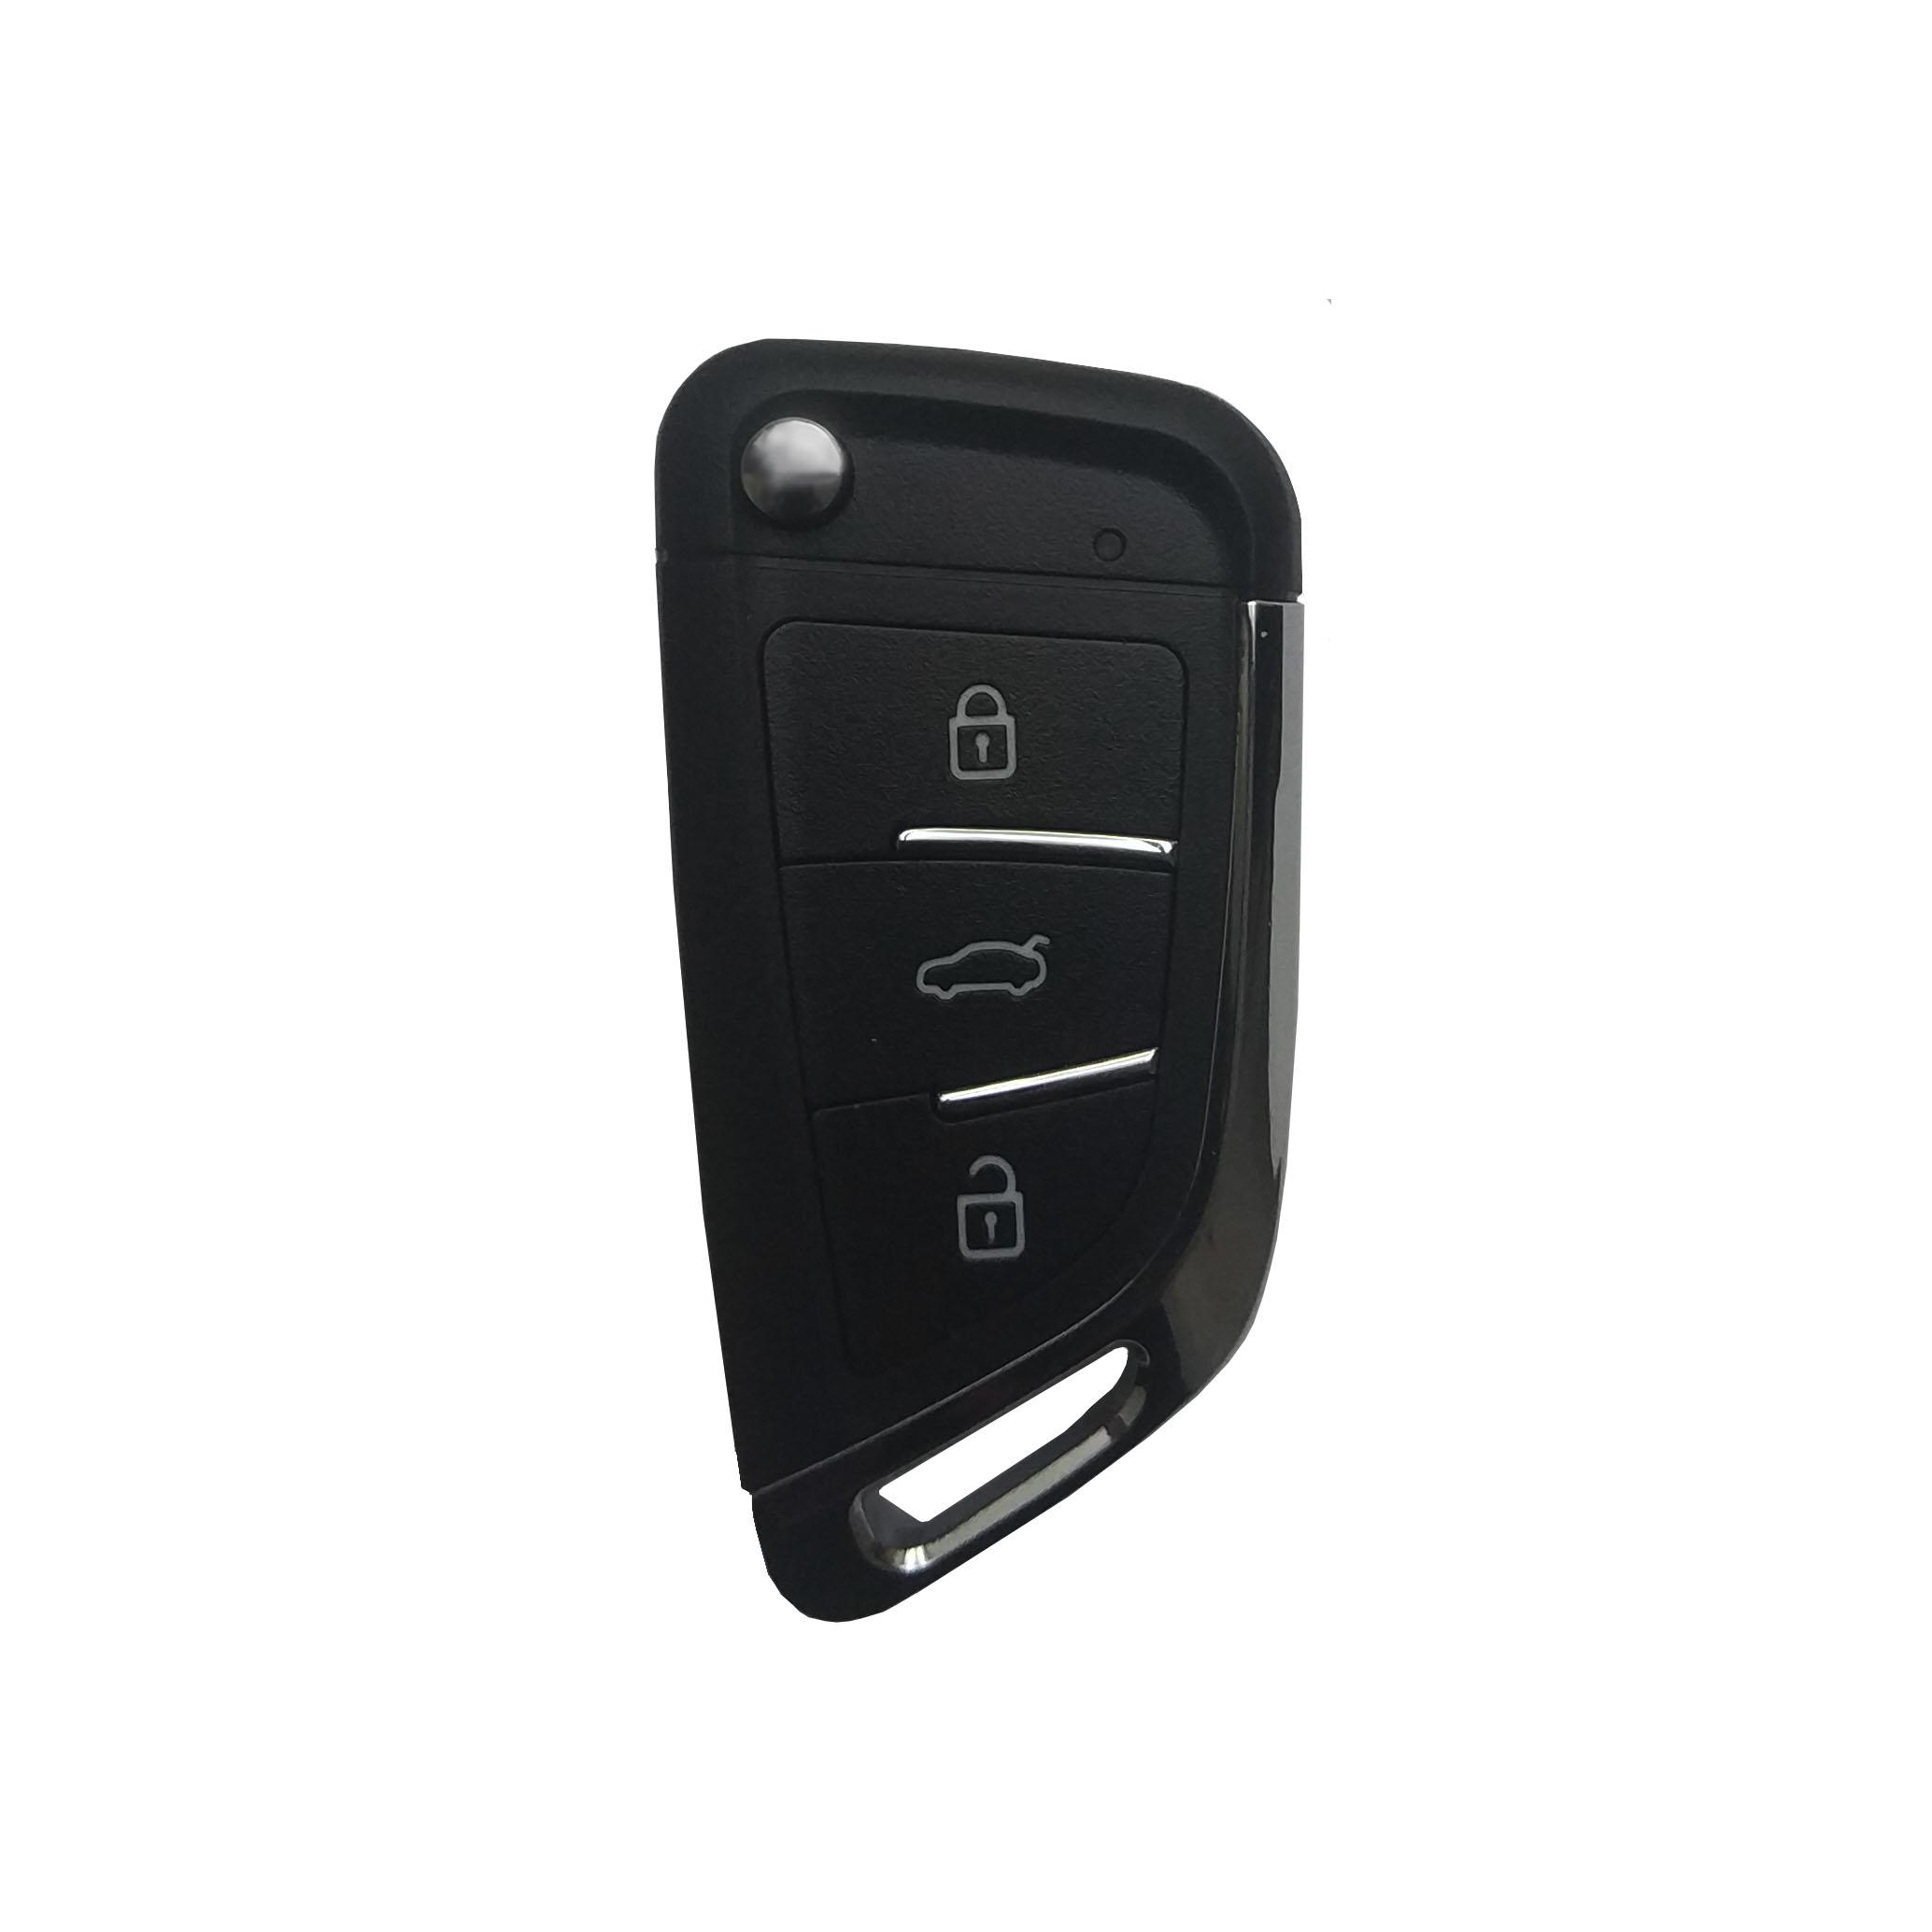 ریموت قفل مرکزی خودرو مدل 2019C مناسب برای پژو 206